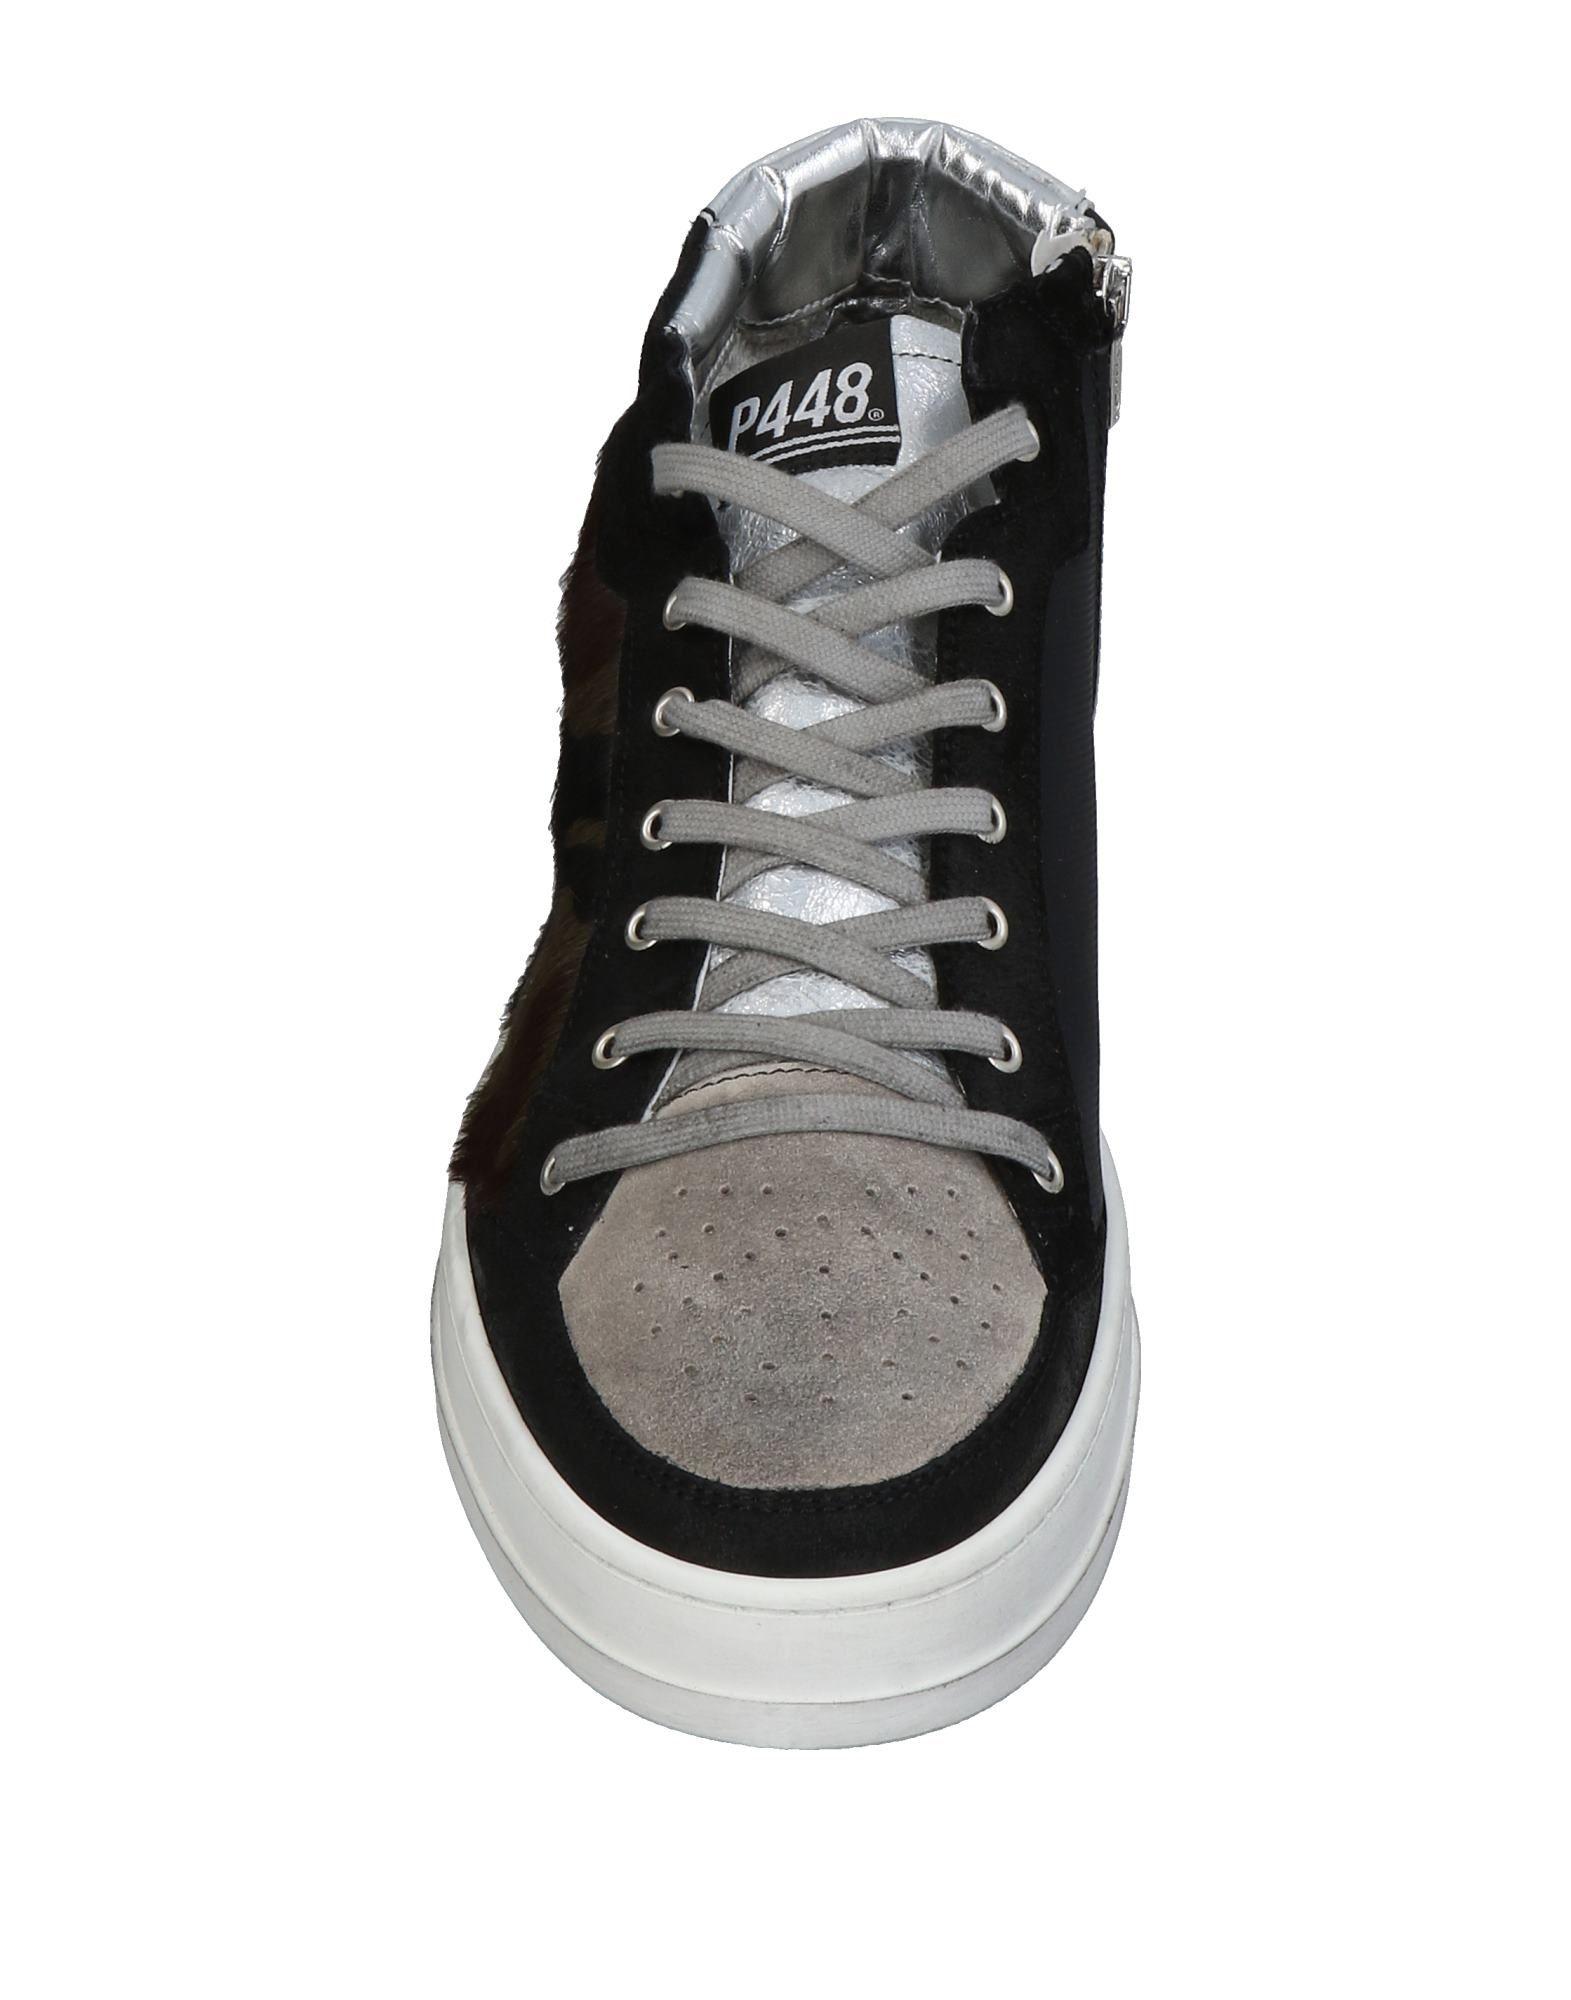 Rabatt echte  Schuhe P448 Sneakers Herren  echte 11457278RF ece4a1